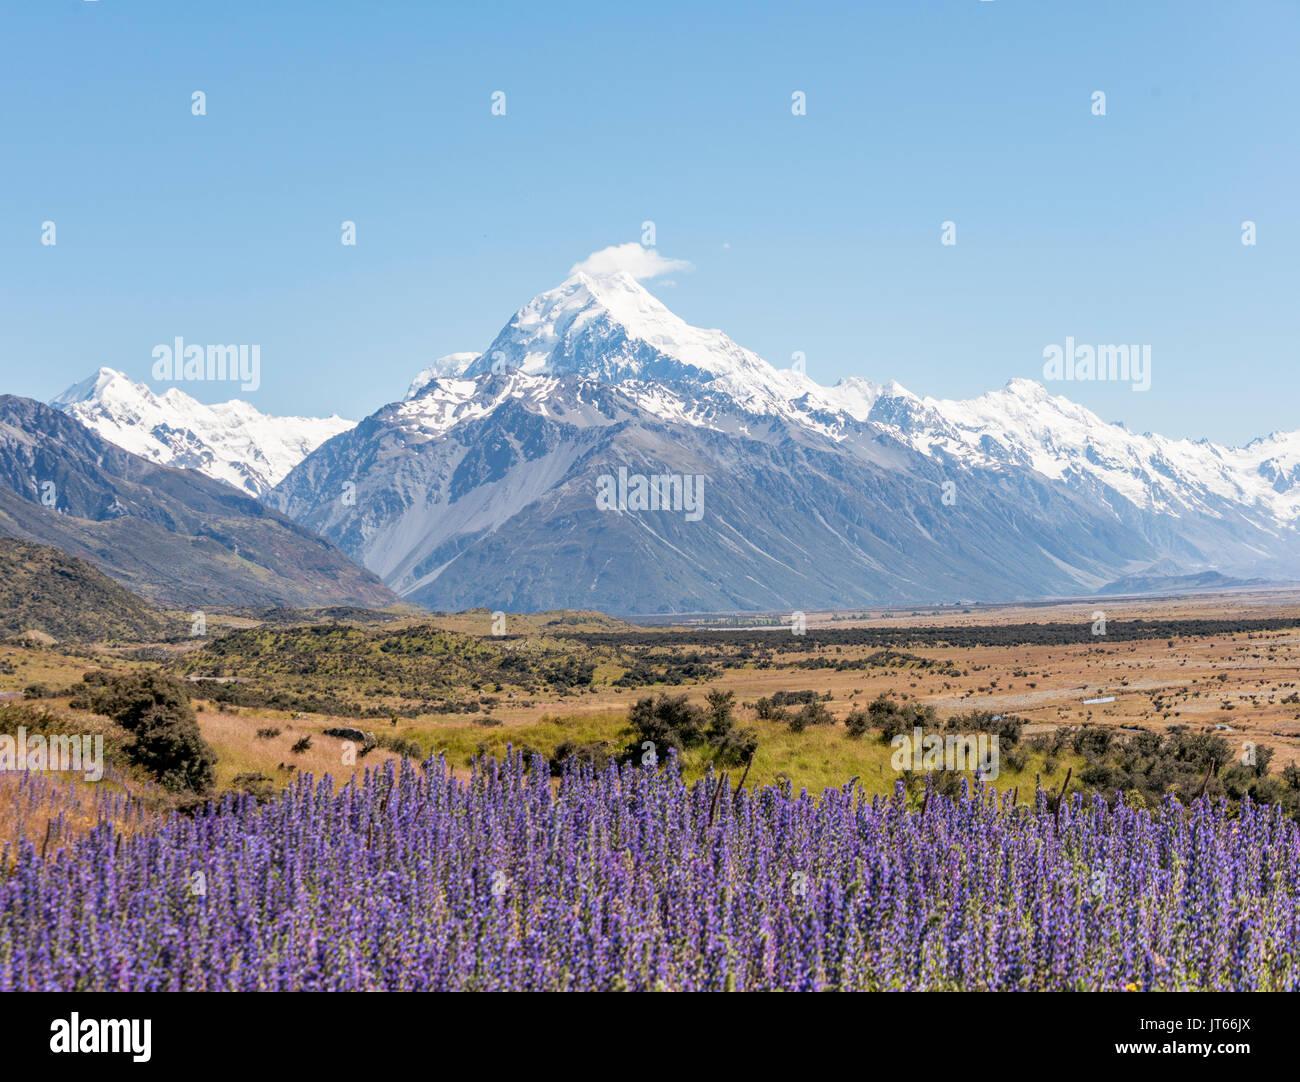 Fioritura fiori viola, Mount Cook, montagne innevate, parco nazionale di Mount Cook Alpi del sud, Canterbury, Isola del Sud Immagini Stock